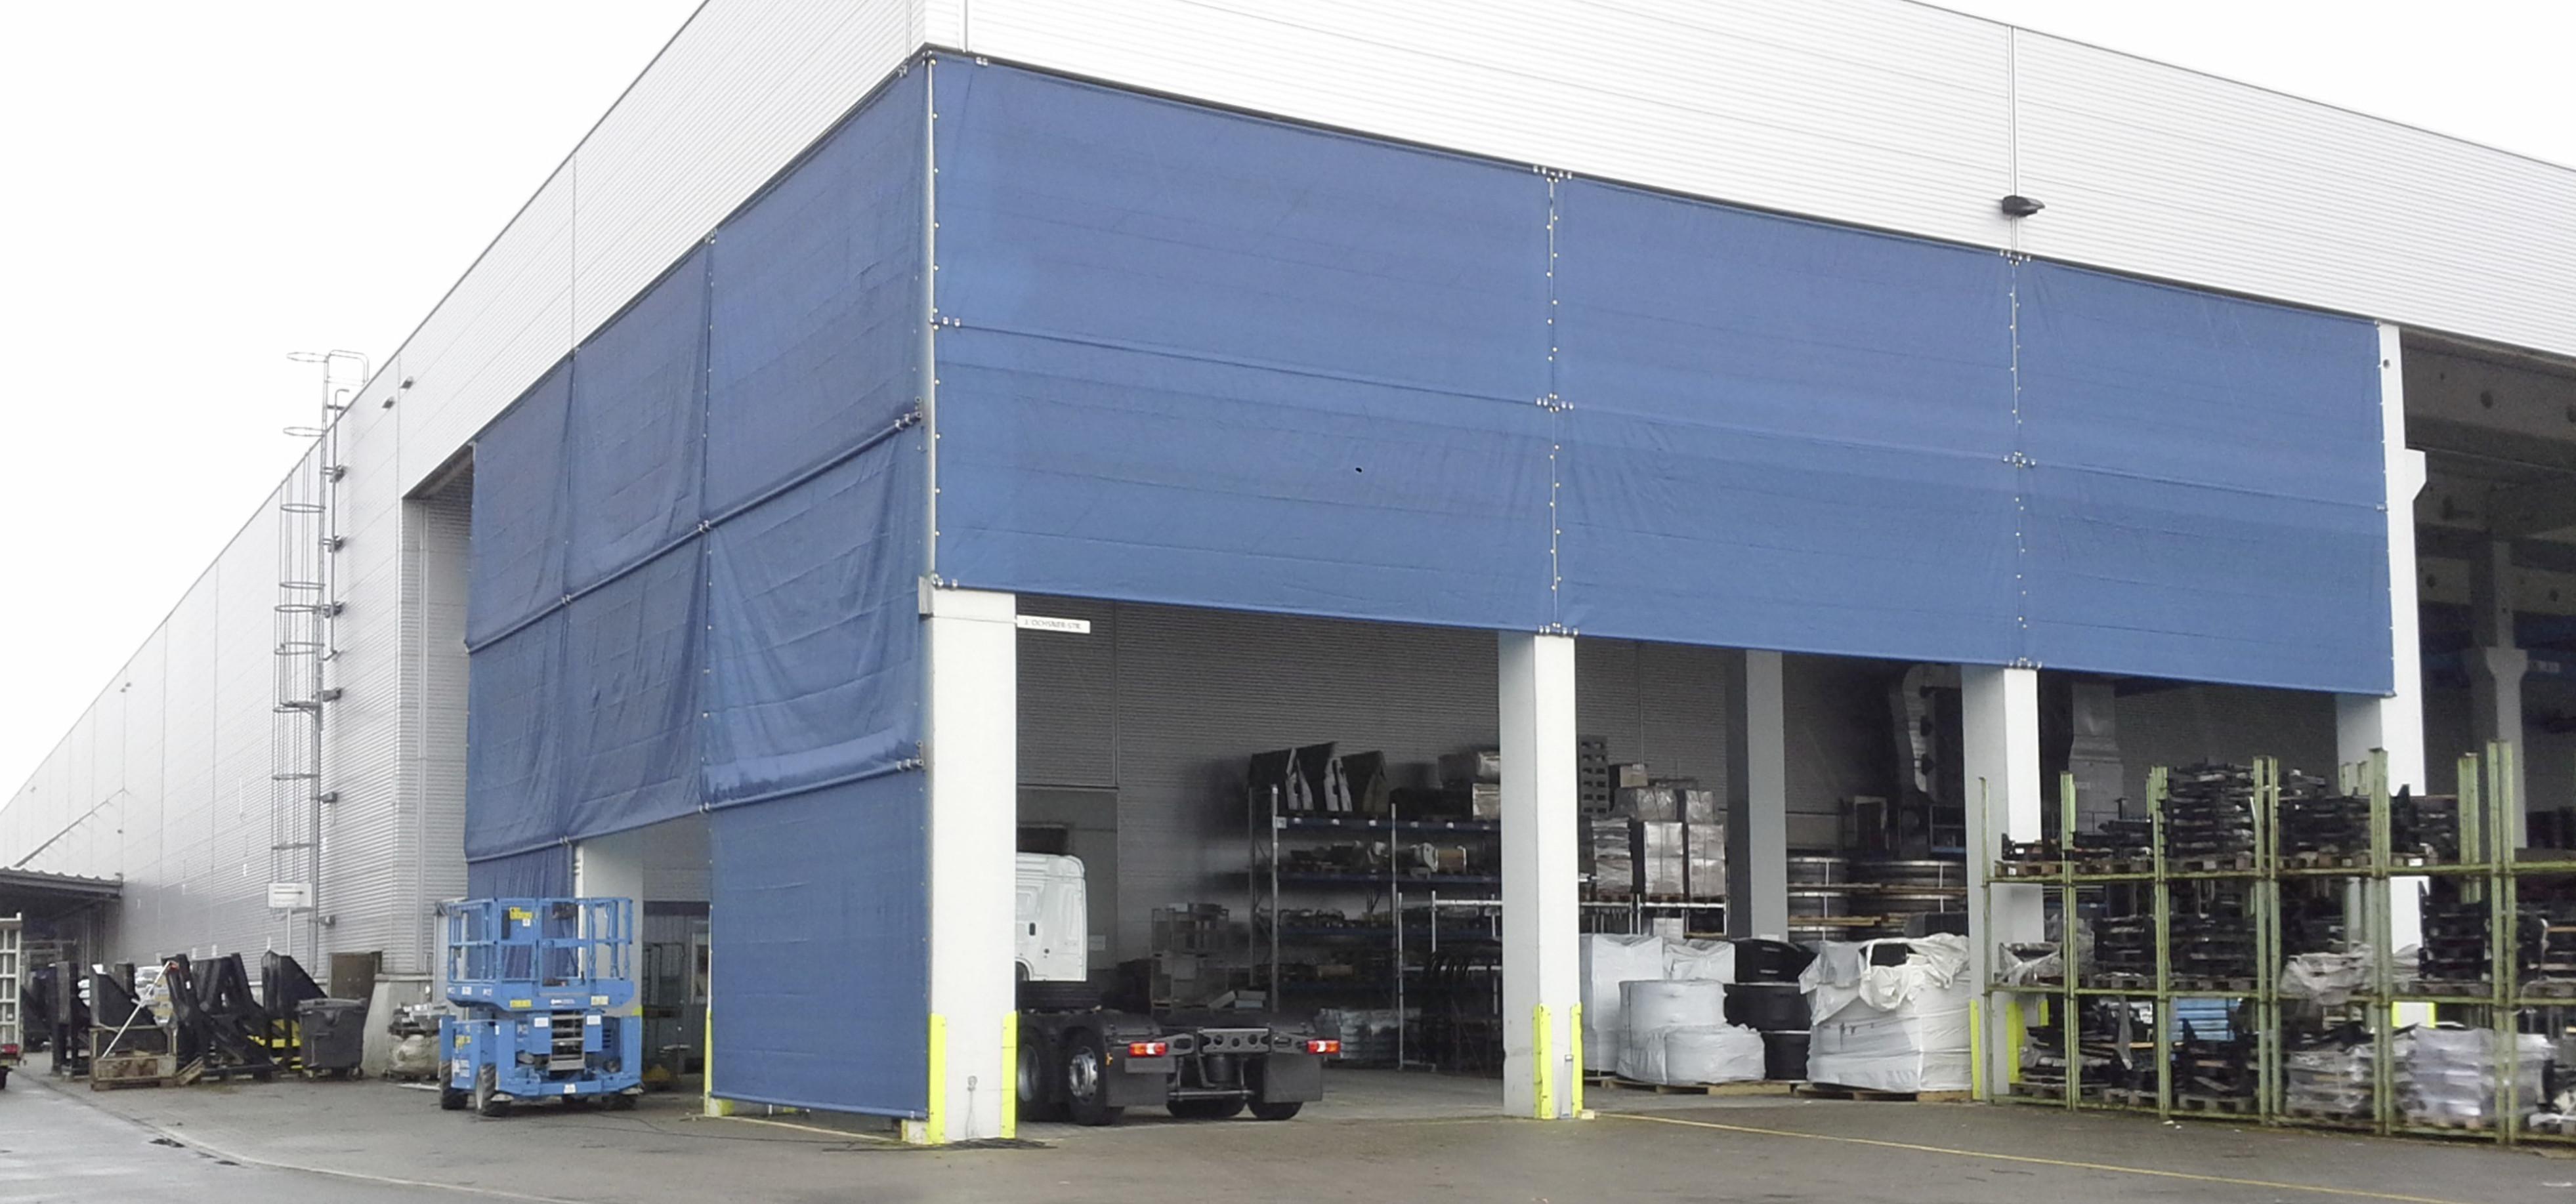 Wetterschutznetz an Industriehalle